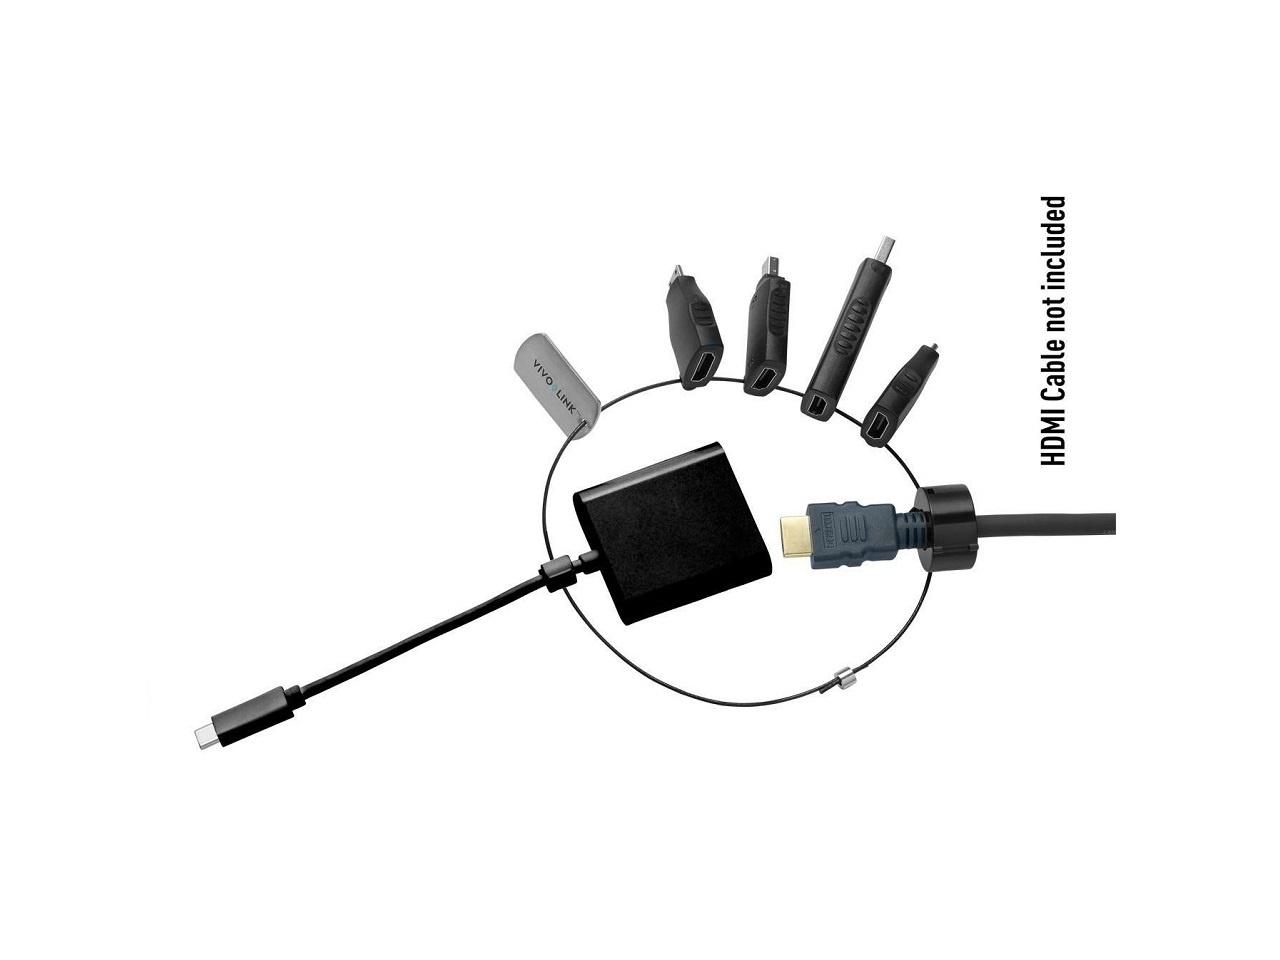 Standard adaptergyűrű 5-HDMI_USB-C, mini HDMI, micro HDMI, DP, mini DP